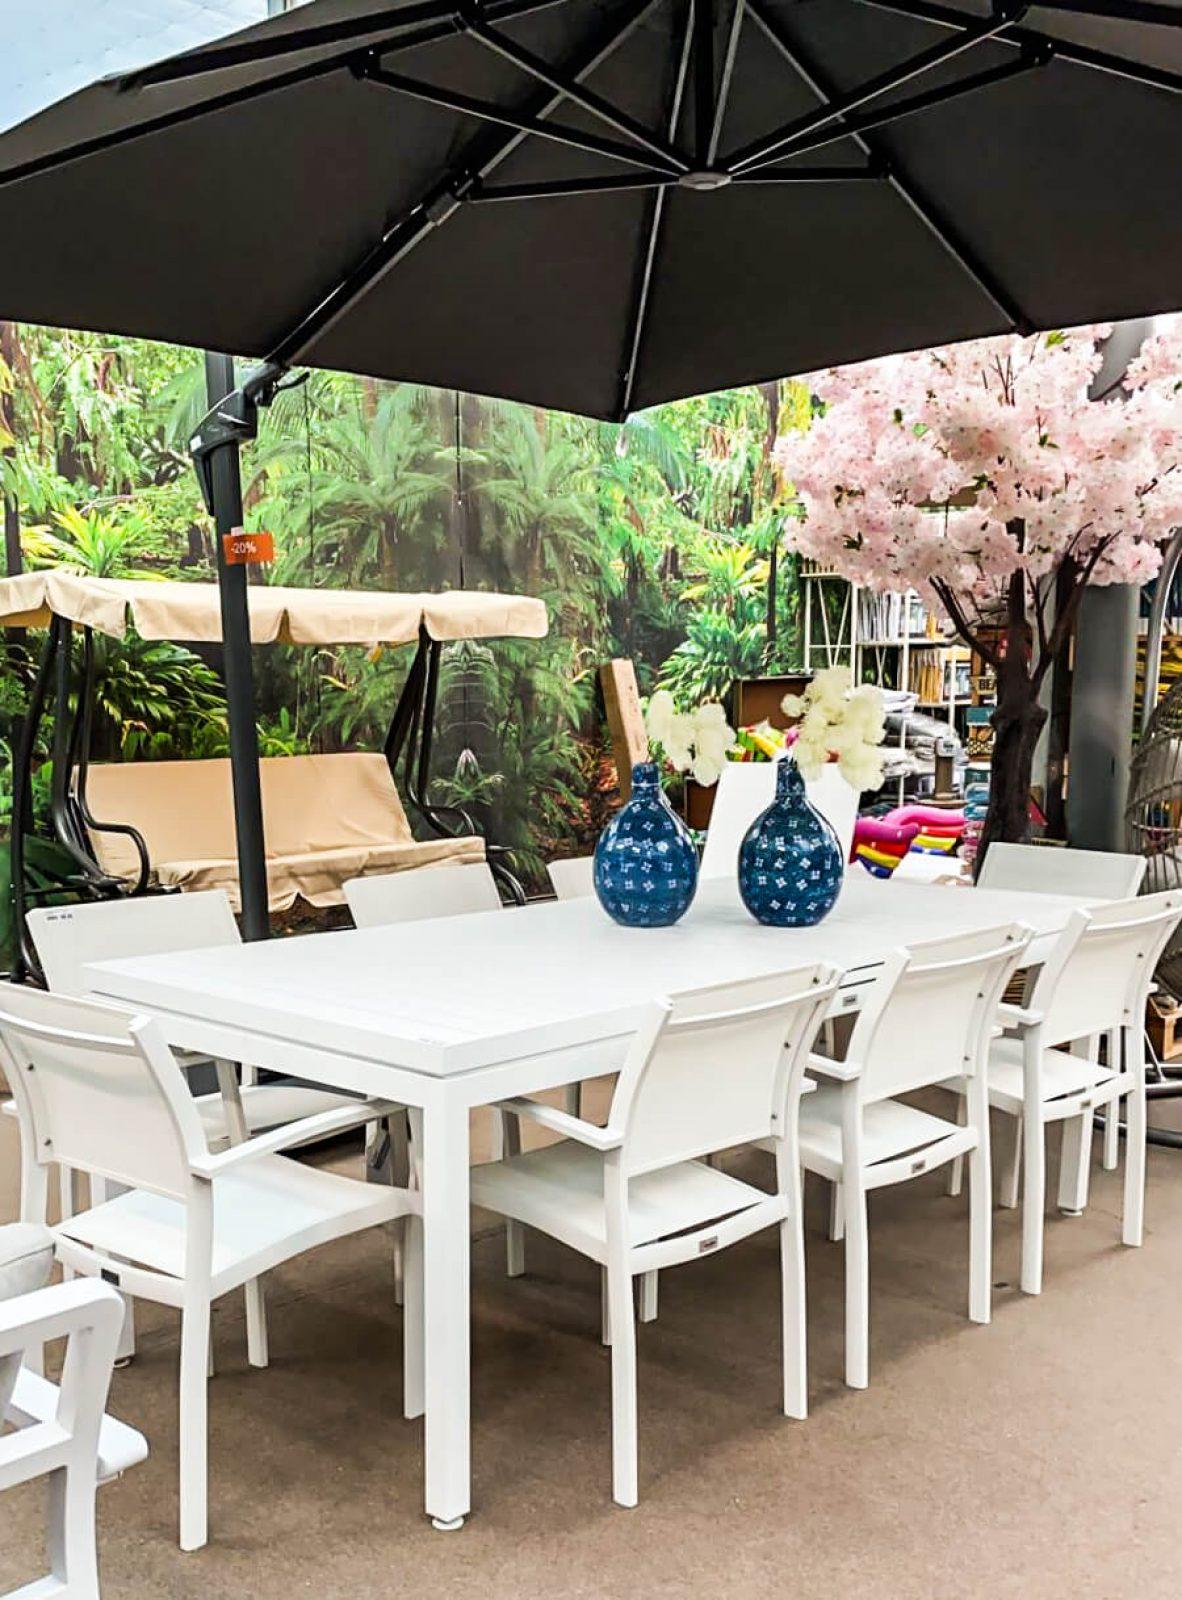 promo-mobili-giardino-centro-giardinaggio-pellegrini3.24.01 PM